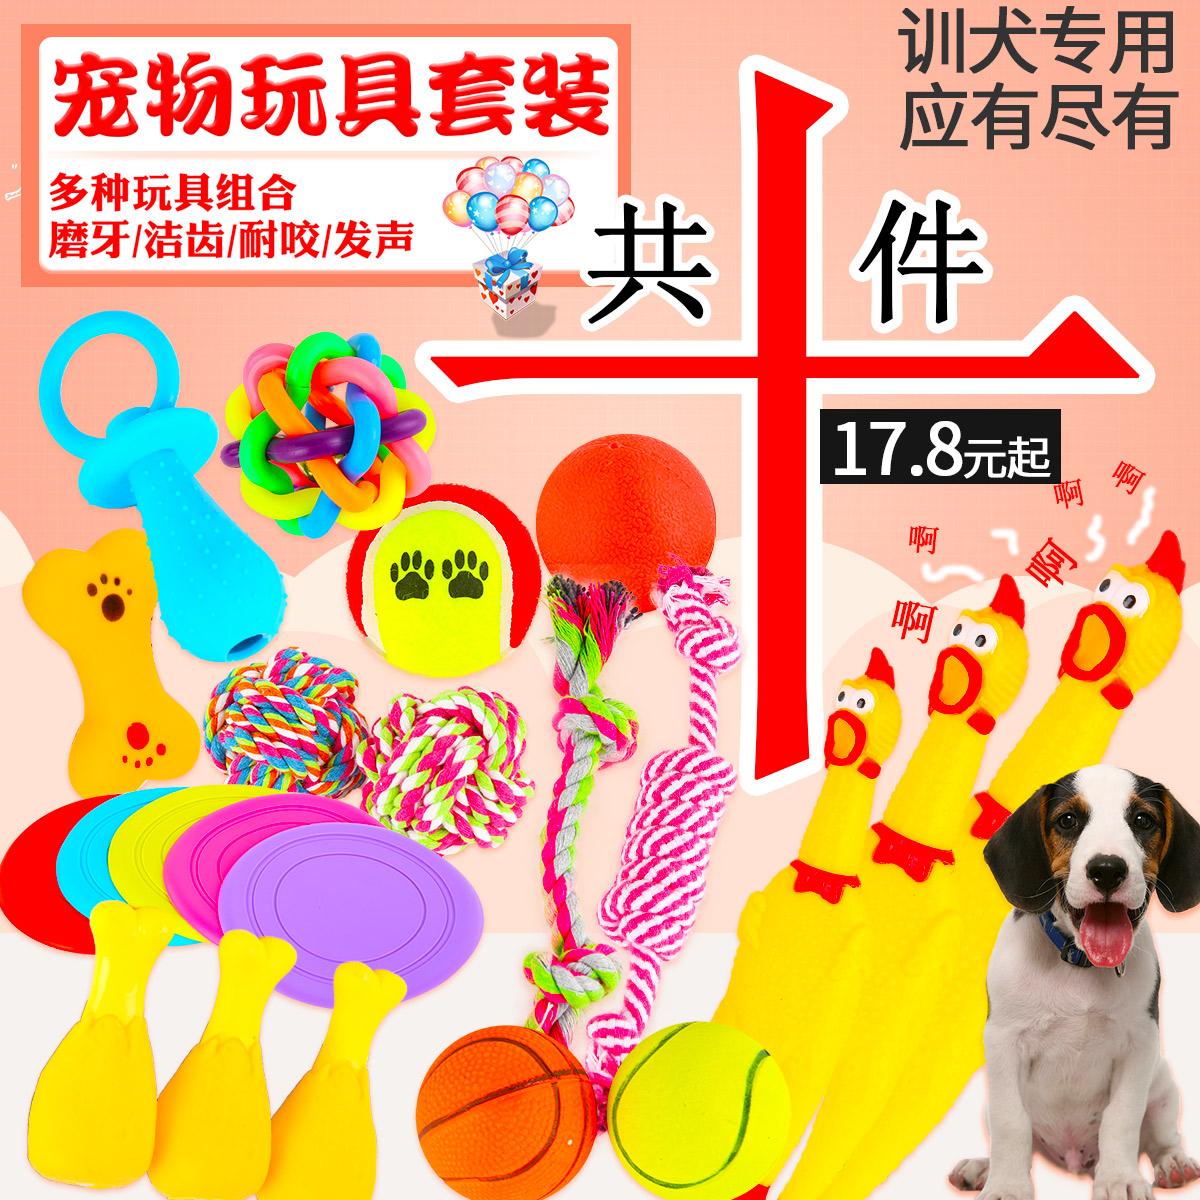 发声磨牙狗狗玩具  6个5元优惠券